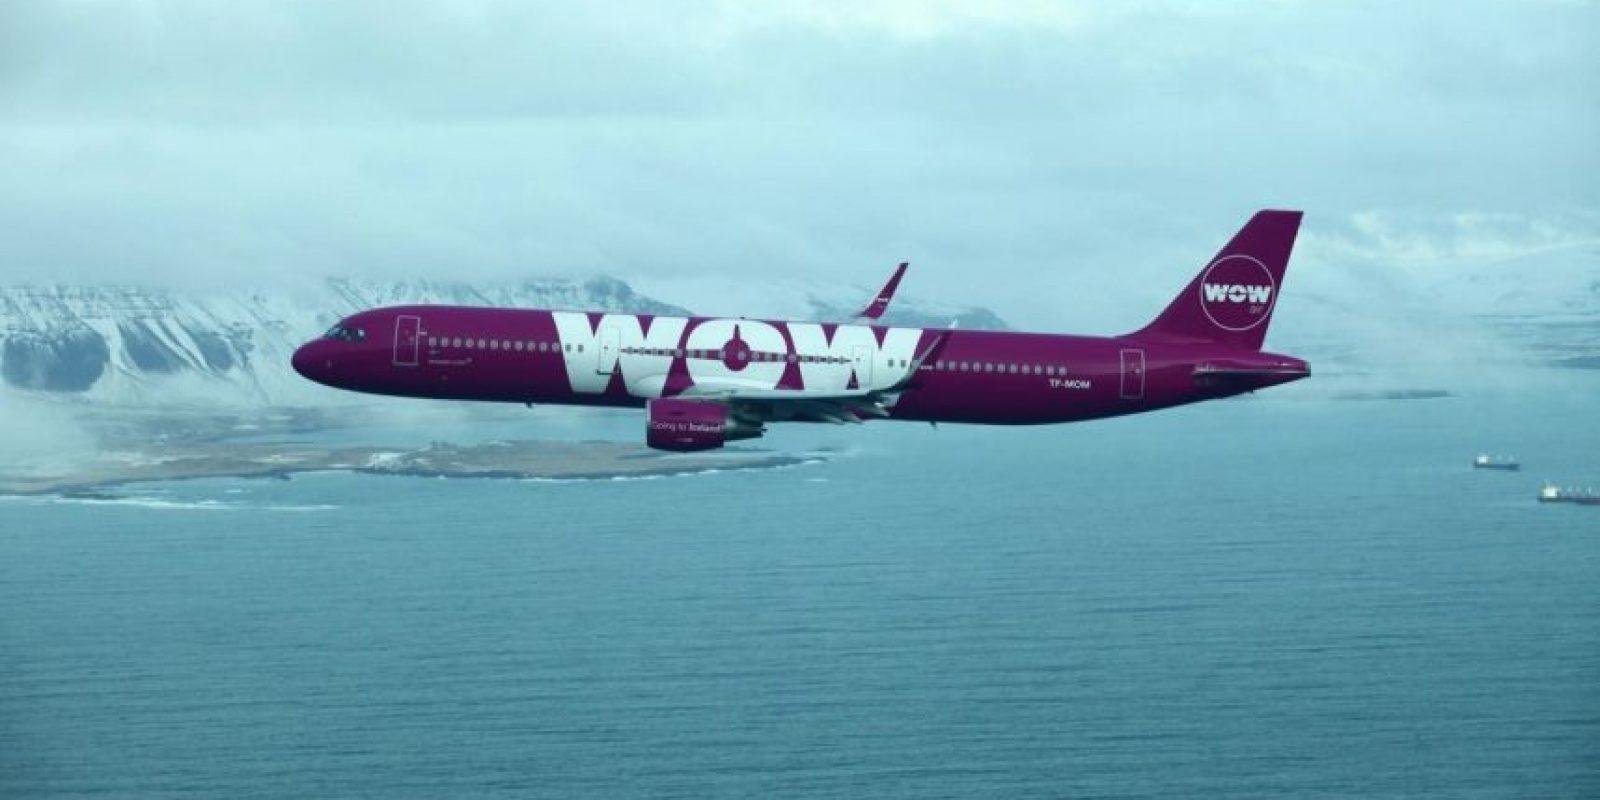 Wow Air ofrecerá vuelos trasatlánticos por 199 dólares. Foto:vía facebook.com/wowiceland